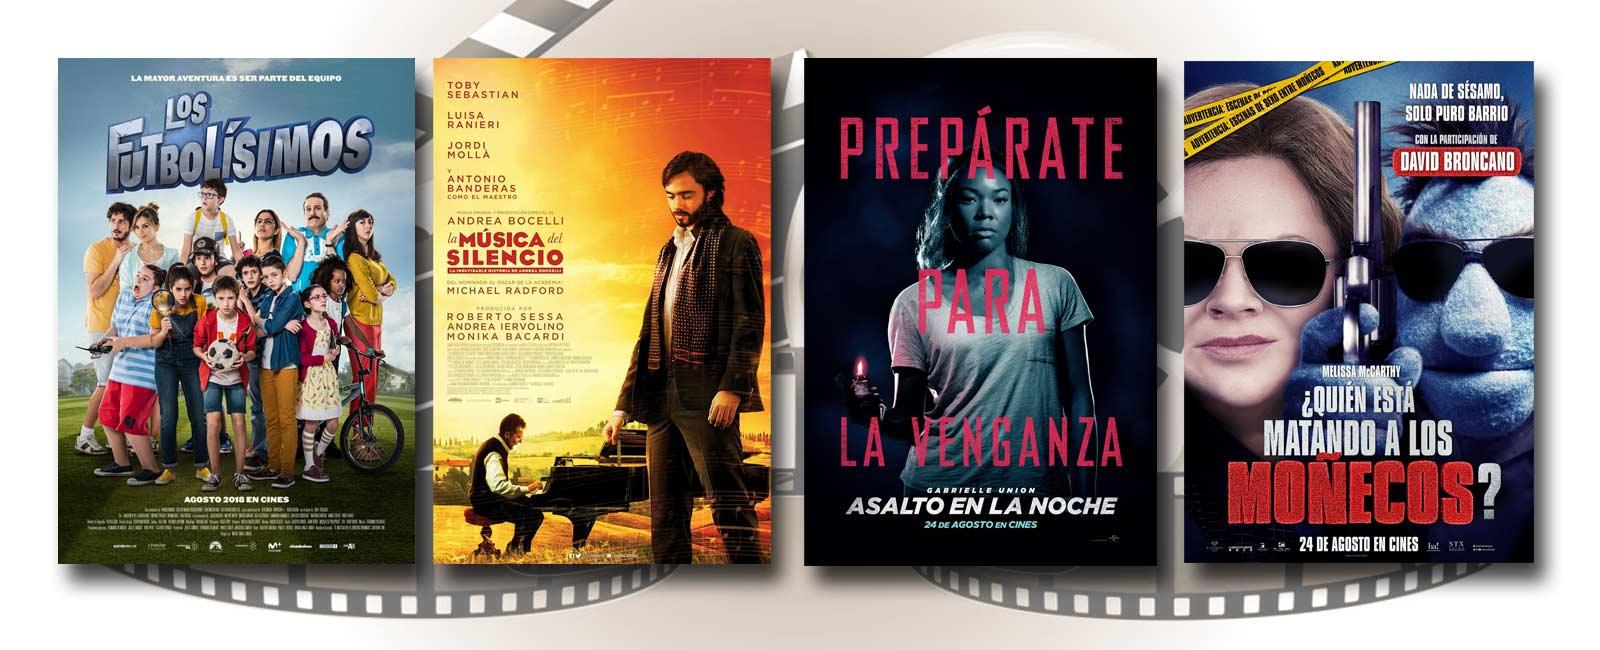 Estrenos de Cine de la Semana… 24 de Agosto 2018